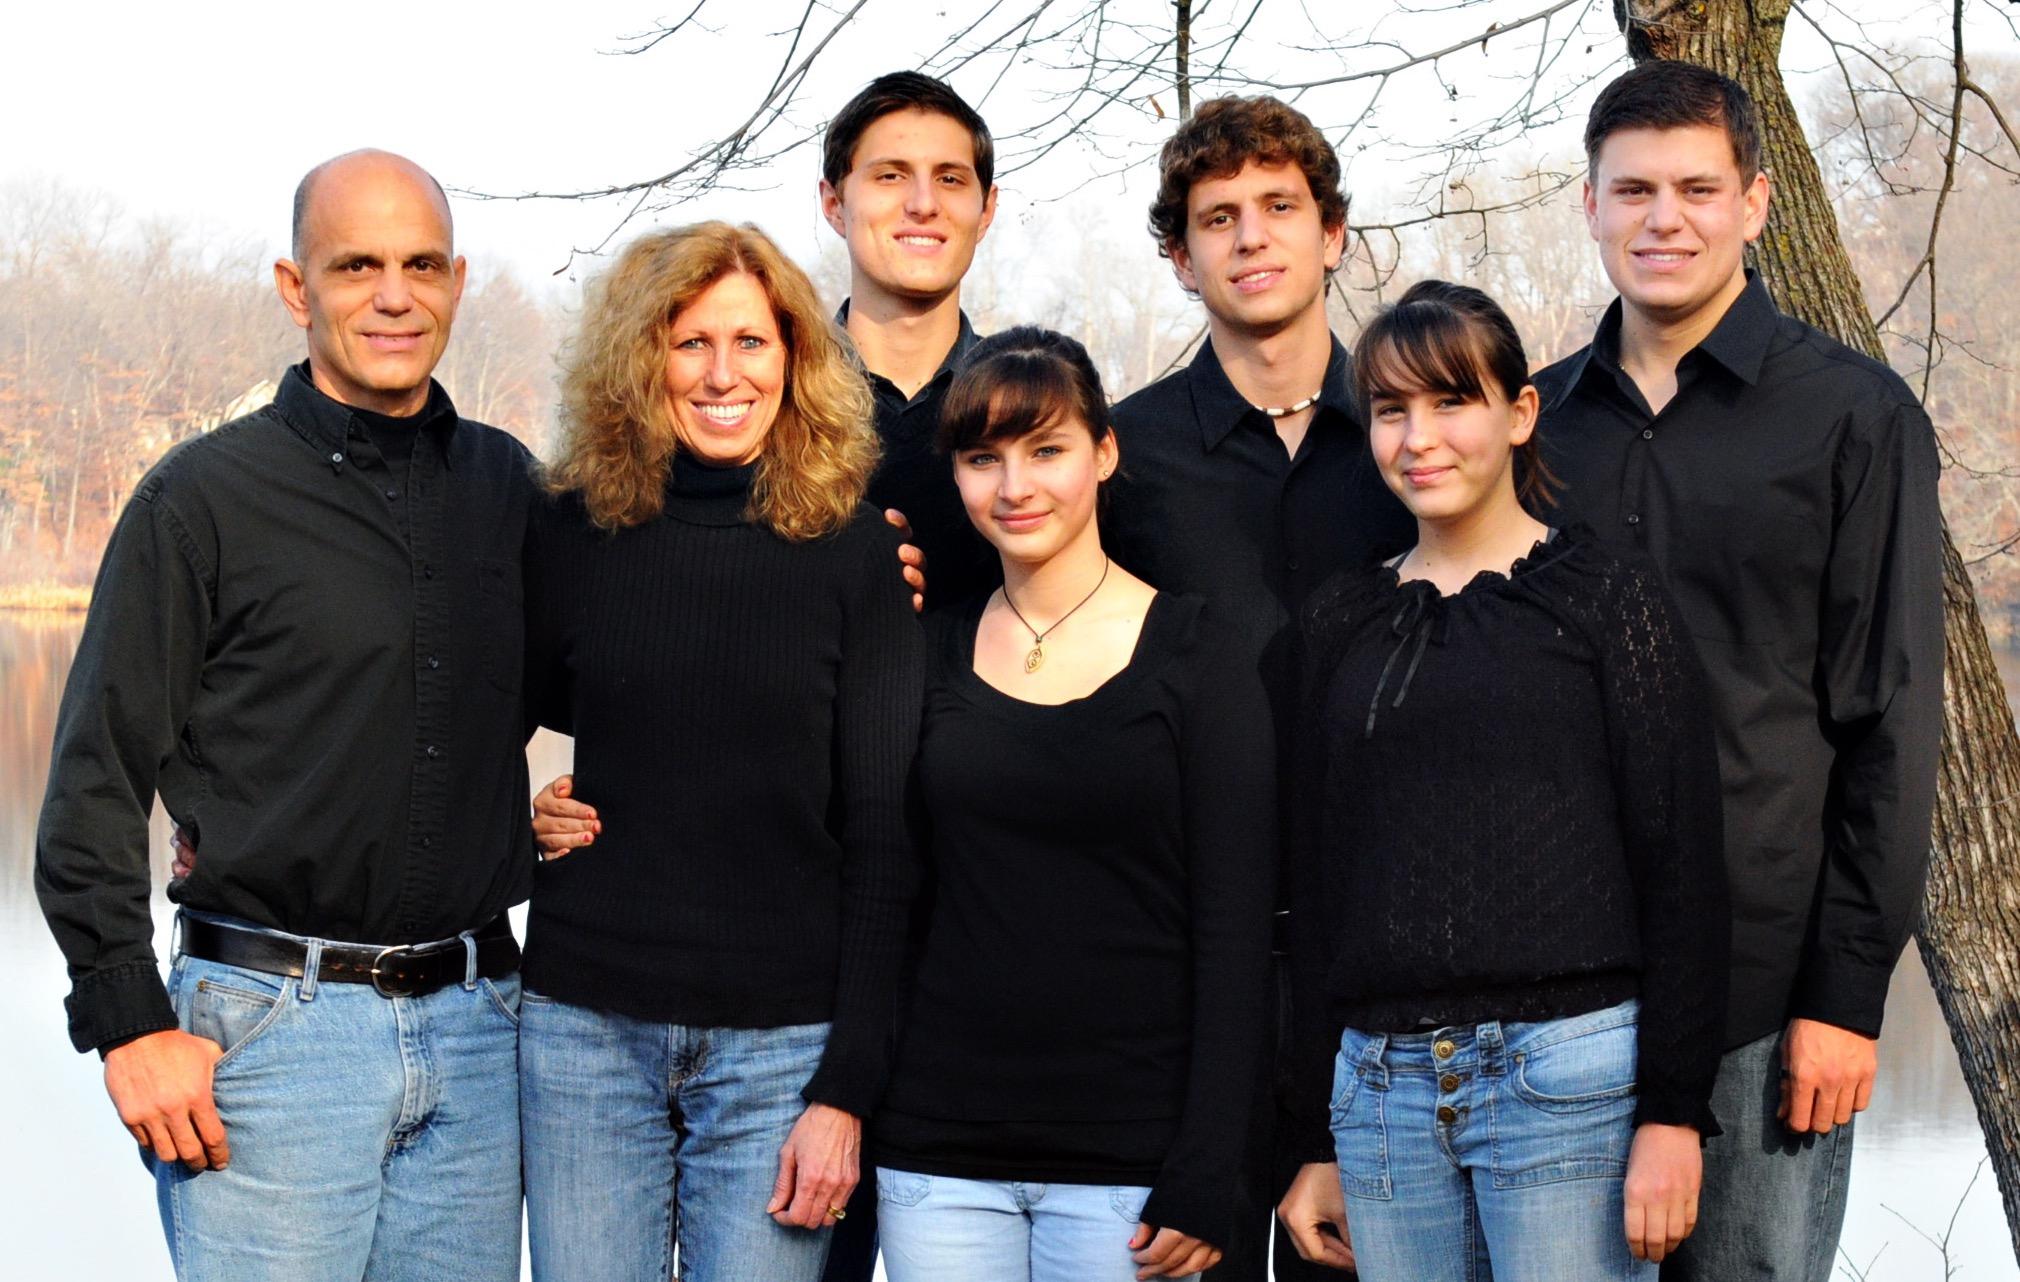 Family 2010.jpg